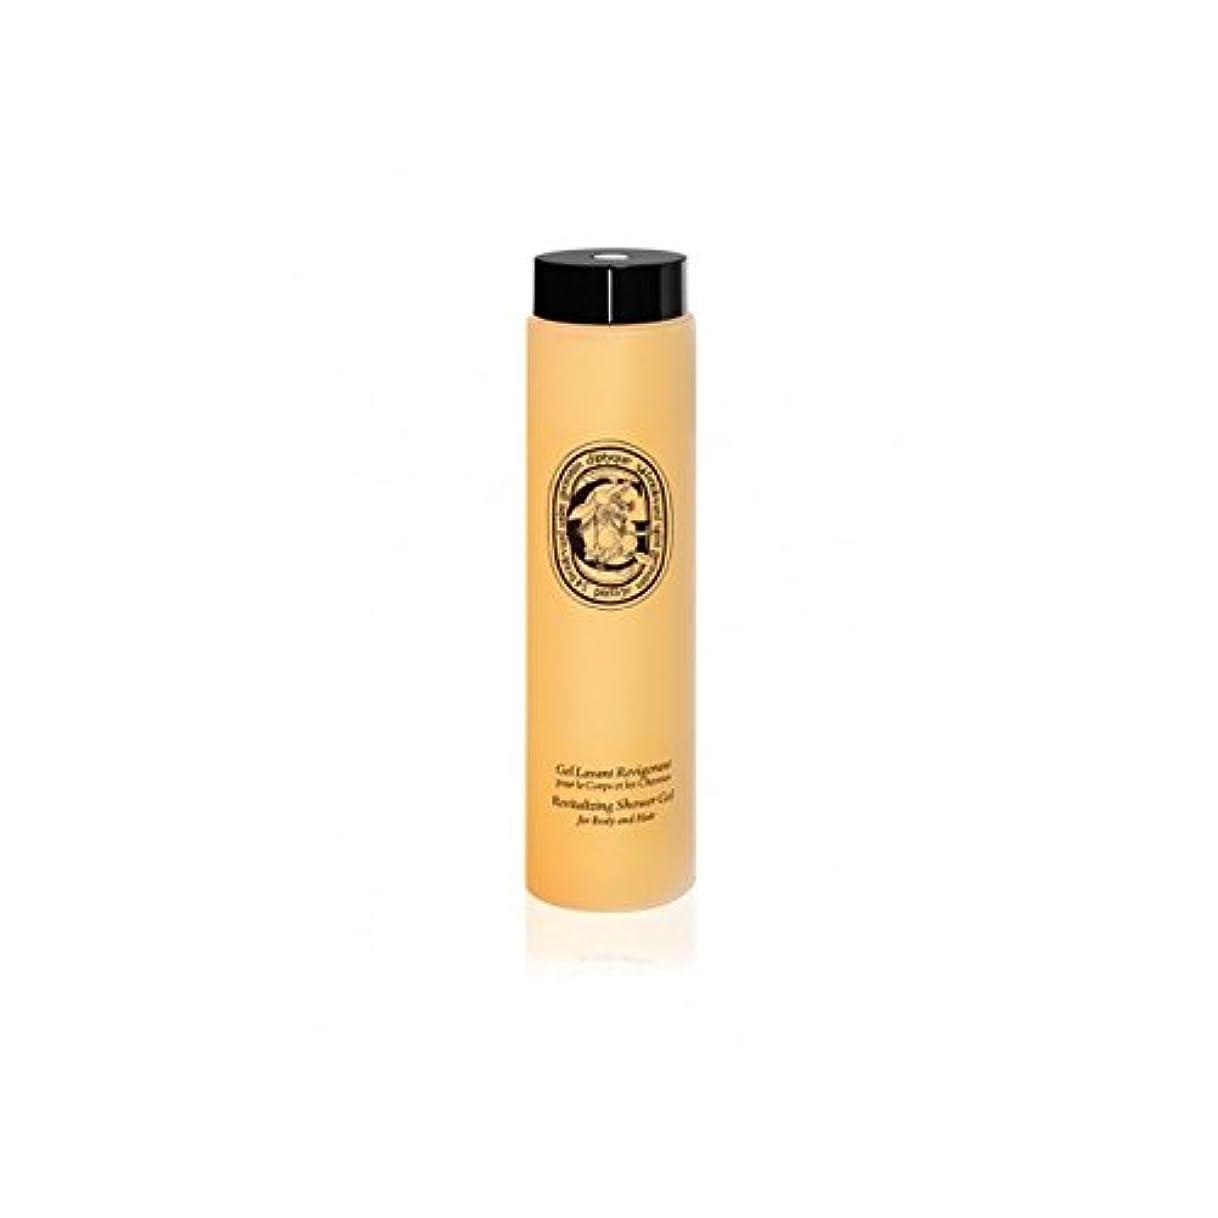 ボディ、ヘア200ミリリットルのためDiptyqueのリバイタライジングシャワージェル - Diptyque Revitalizing Shower Gel For Body And Hair 200ml (Diptyque...